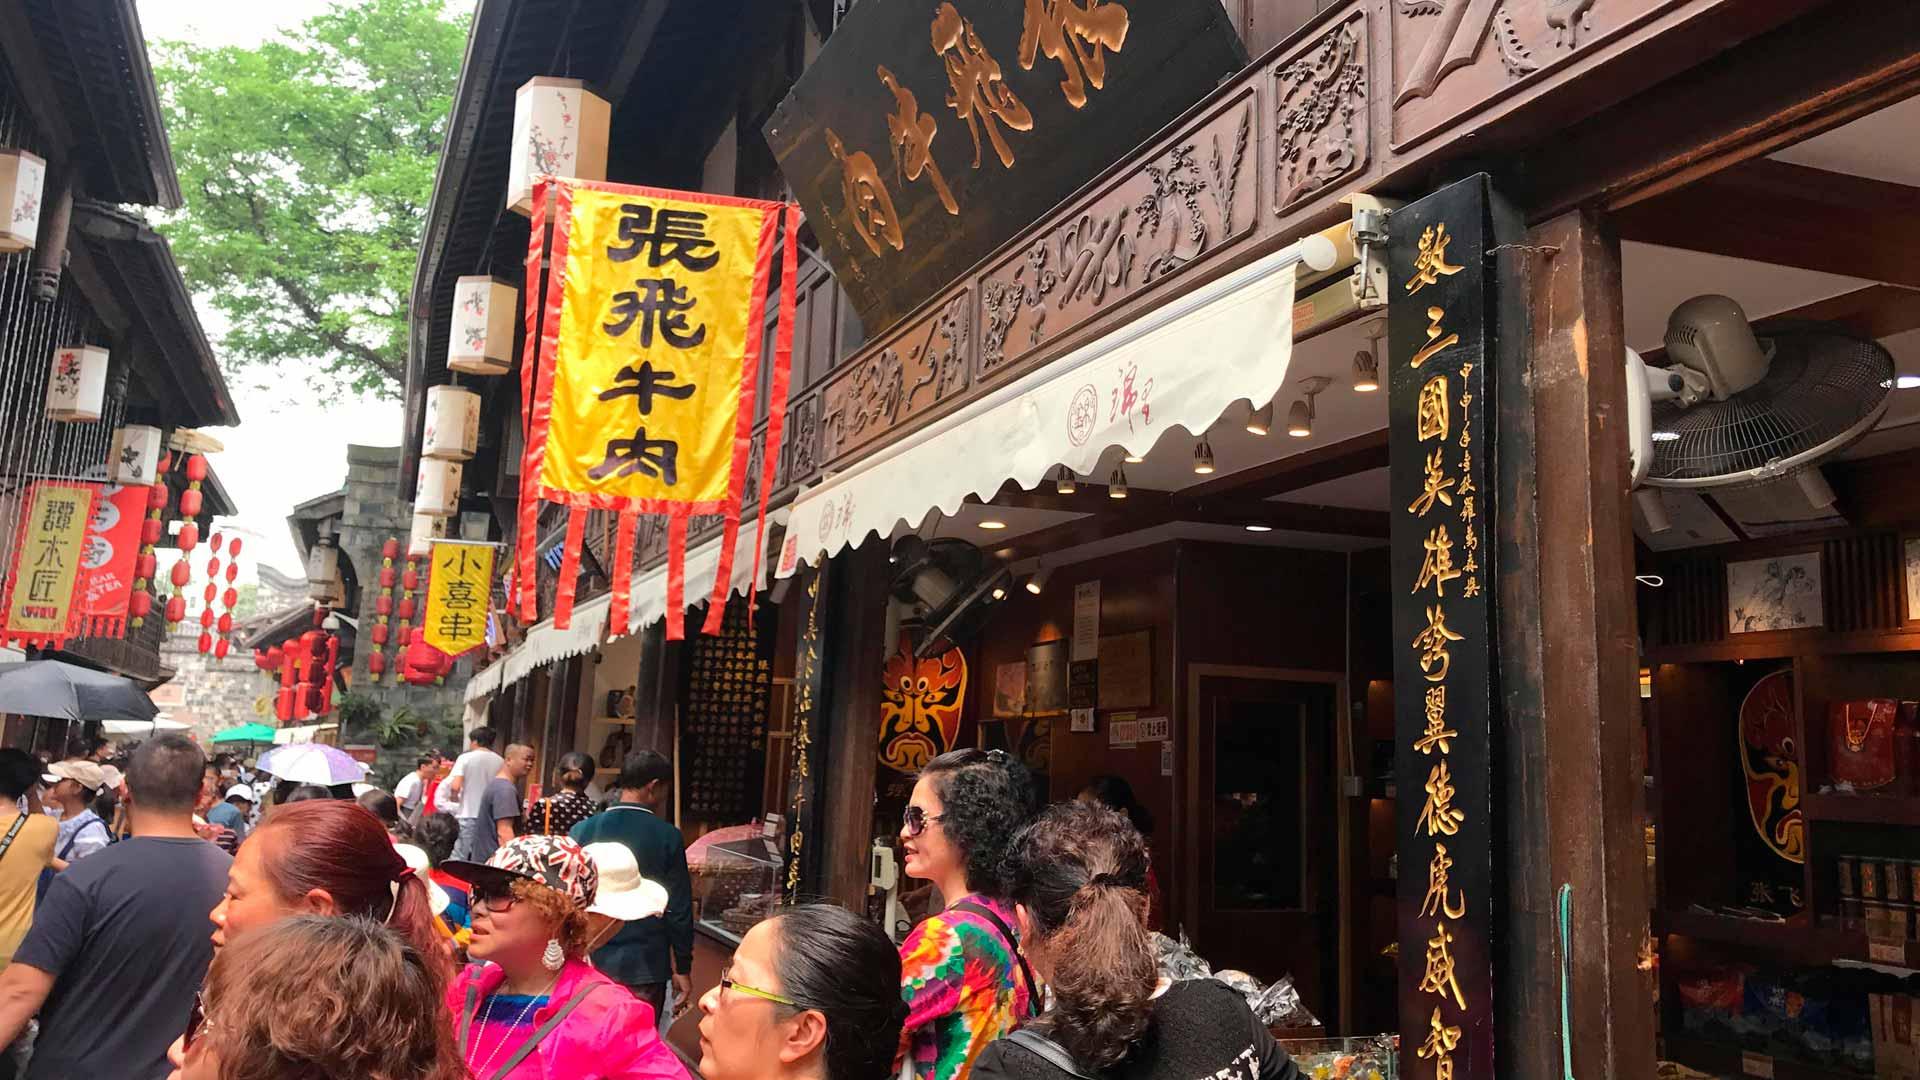 Chengdu es una ciudad cuyos orígenes se remontan al periodo anterior a Cristo